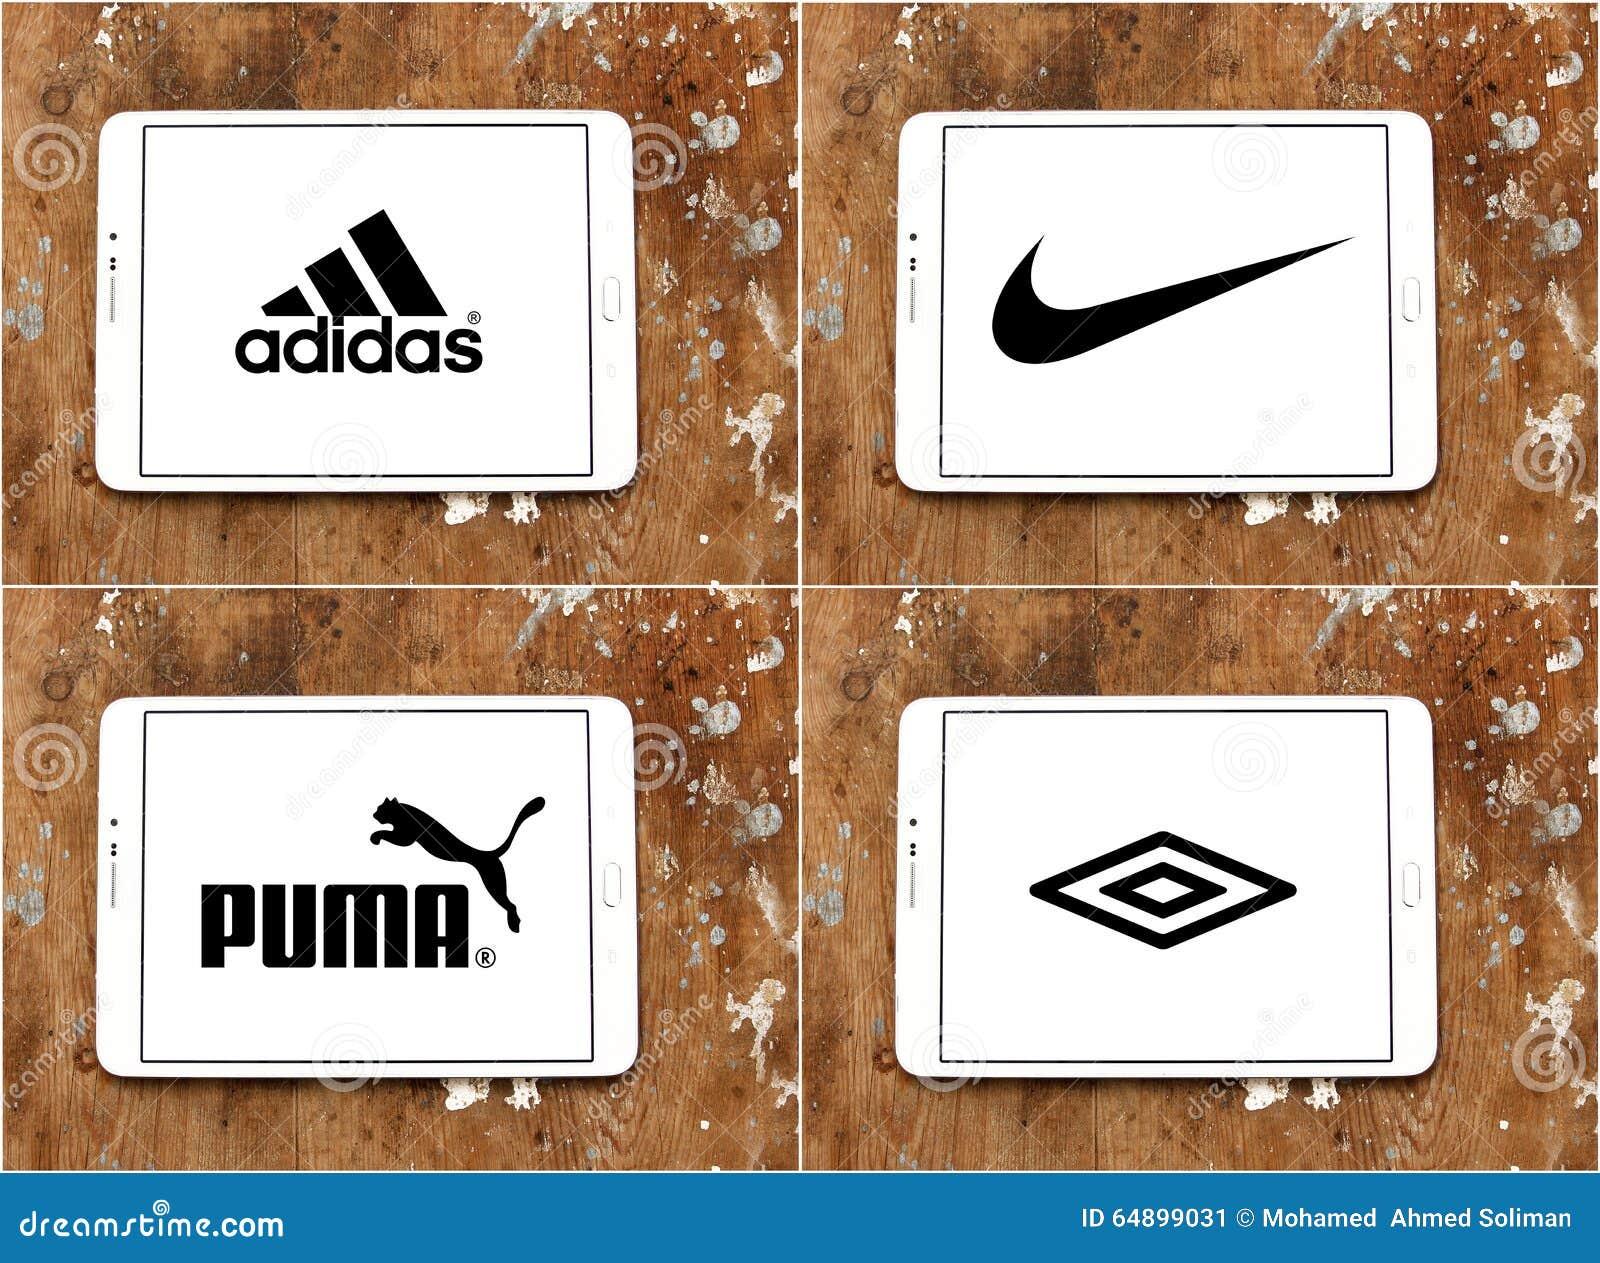 Sociétés adidas, nike, puma, umbro de vêtements de sport